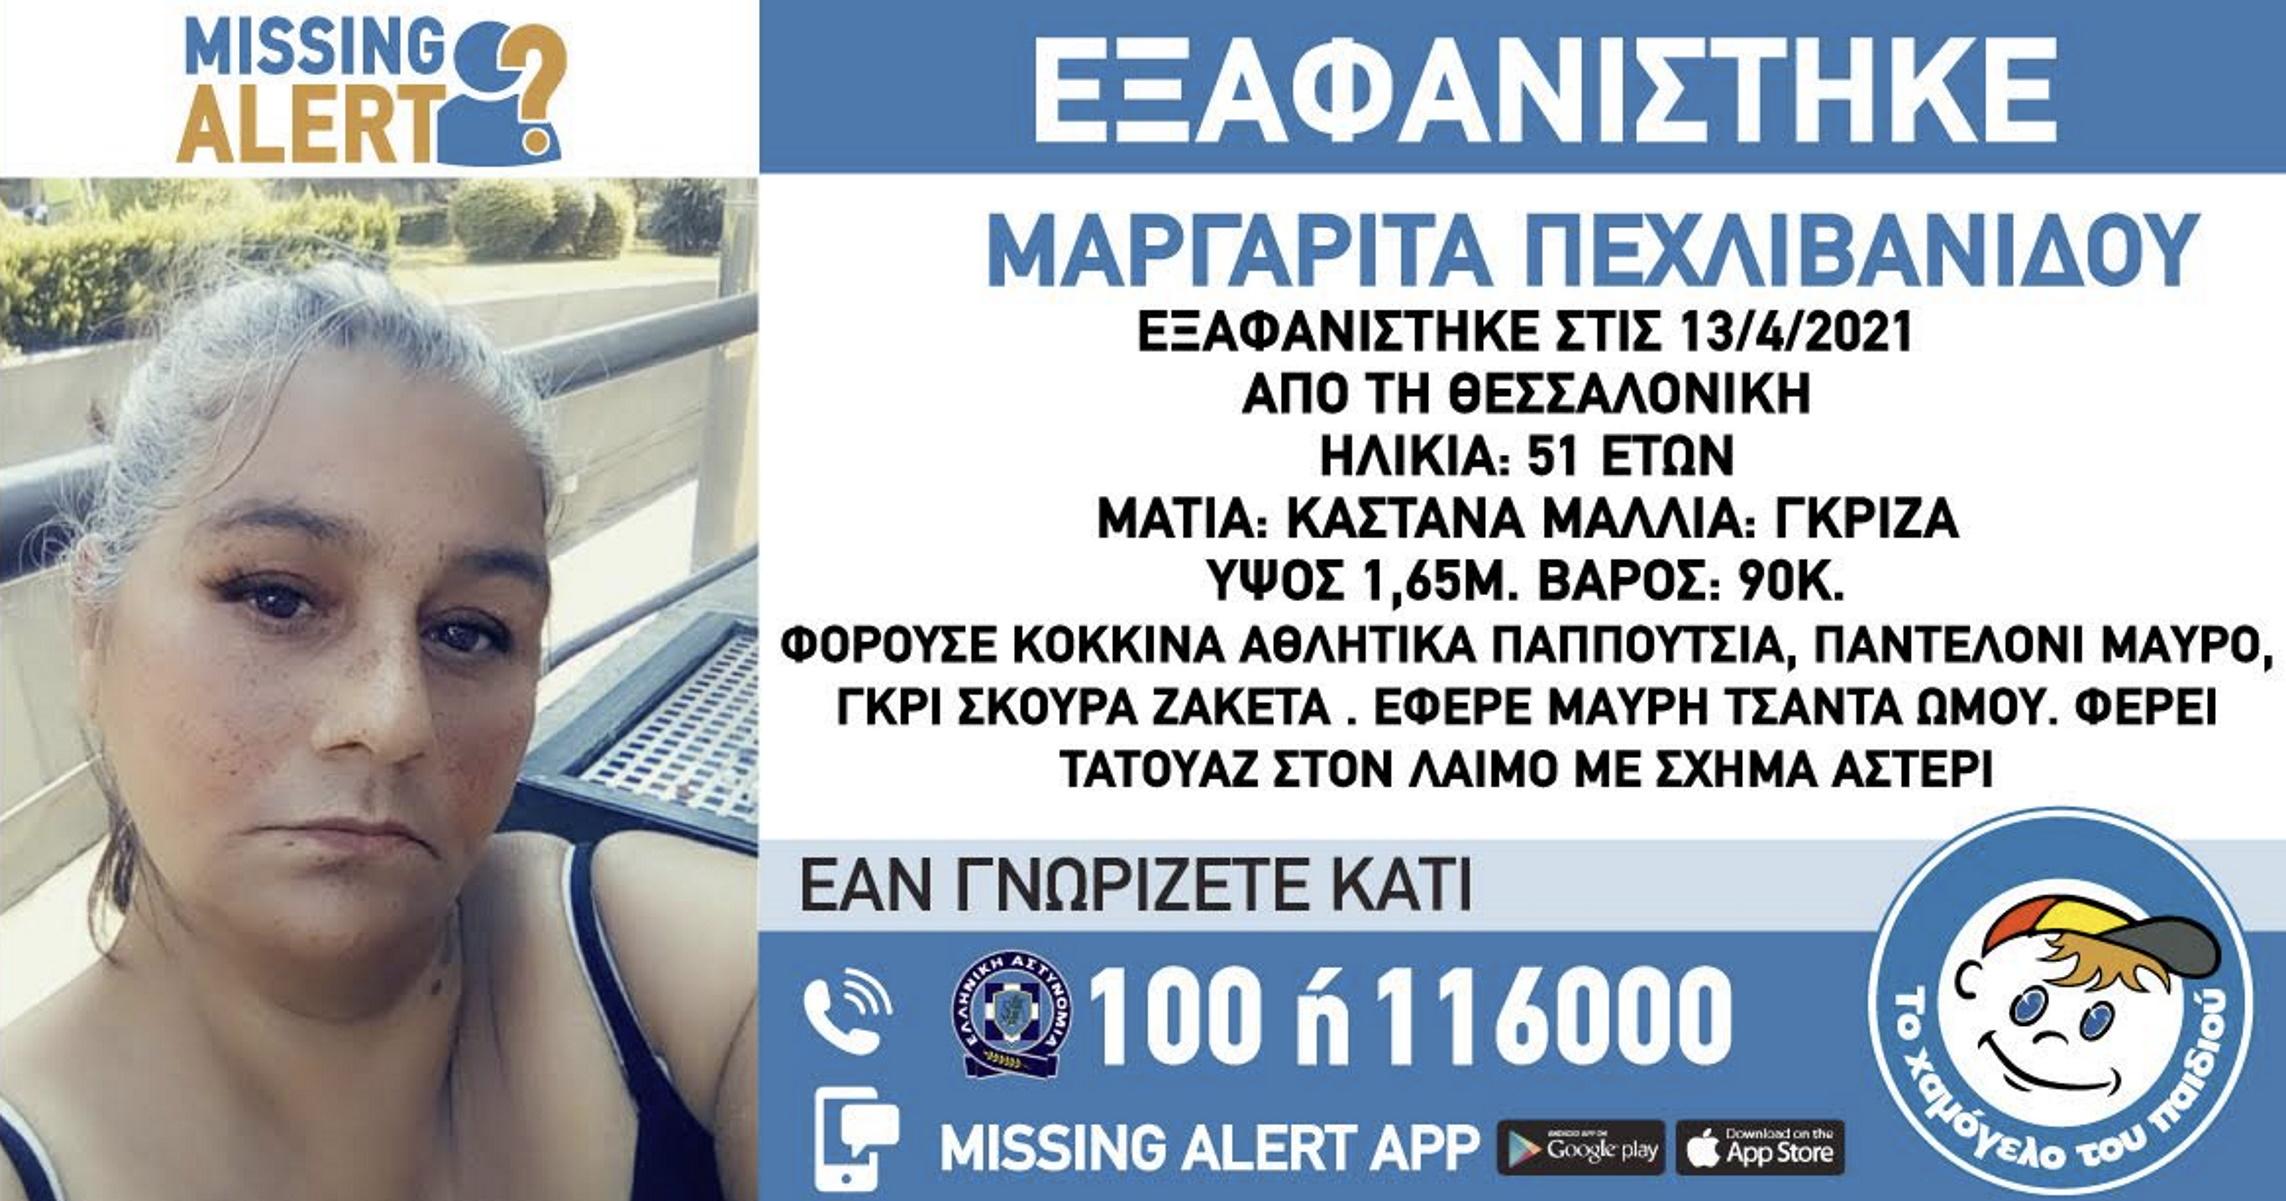 Συναγερμός στη Θεσσαλονίκη: Εξαφανίστηκε 51χρονη – Φόβοι για τη ζωή της